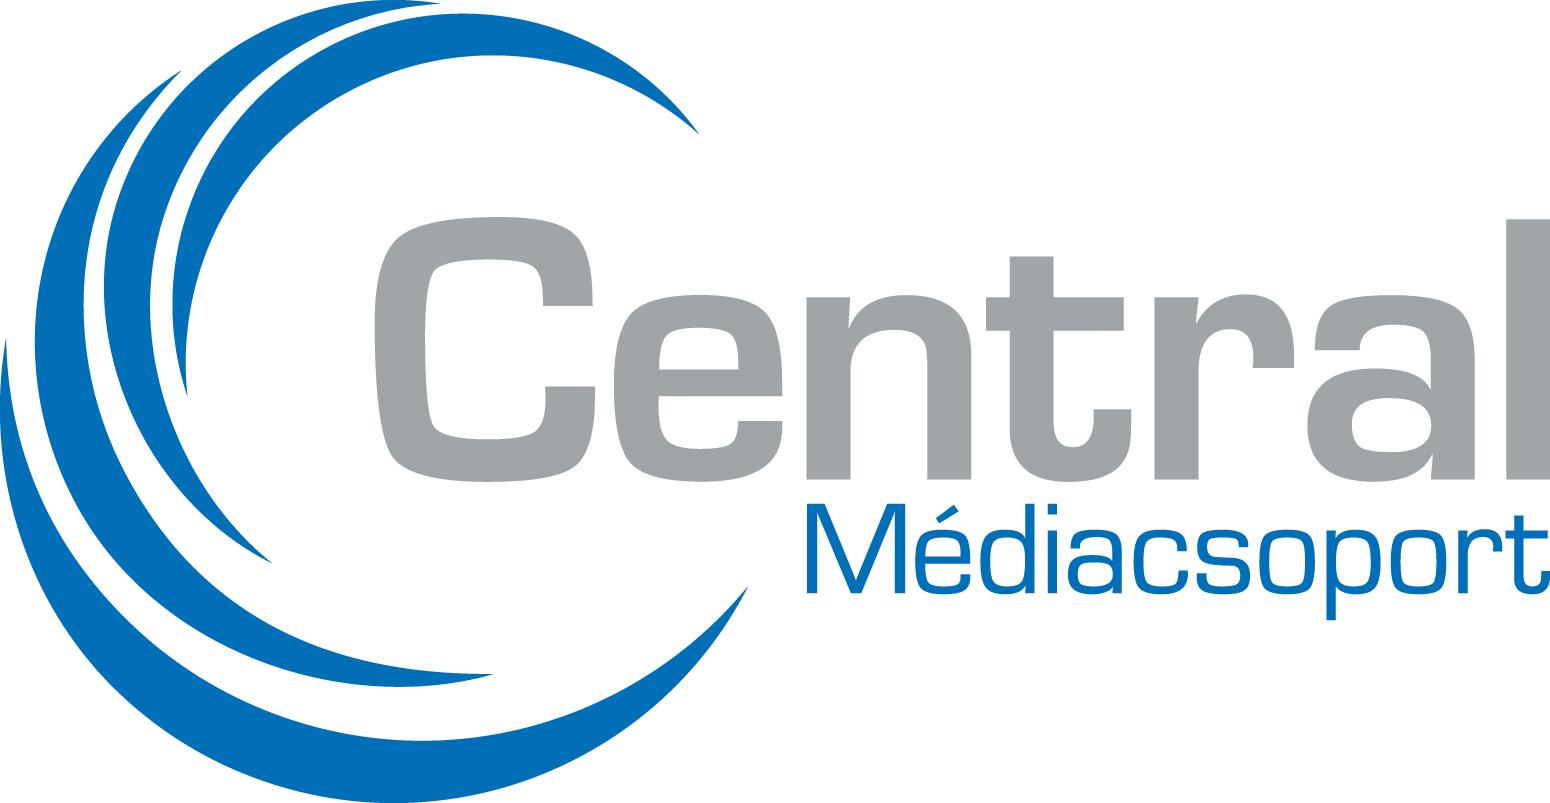 echo Central Médiacsoport